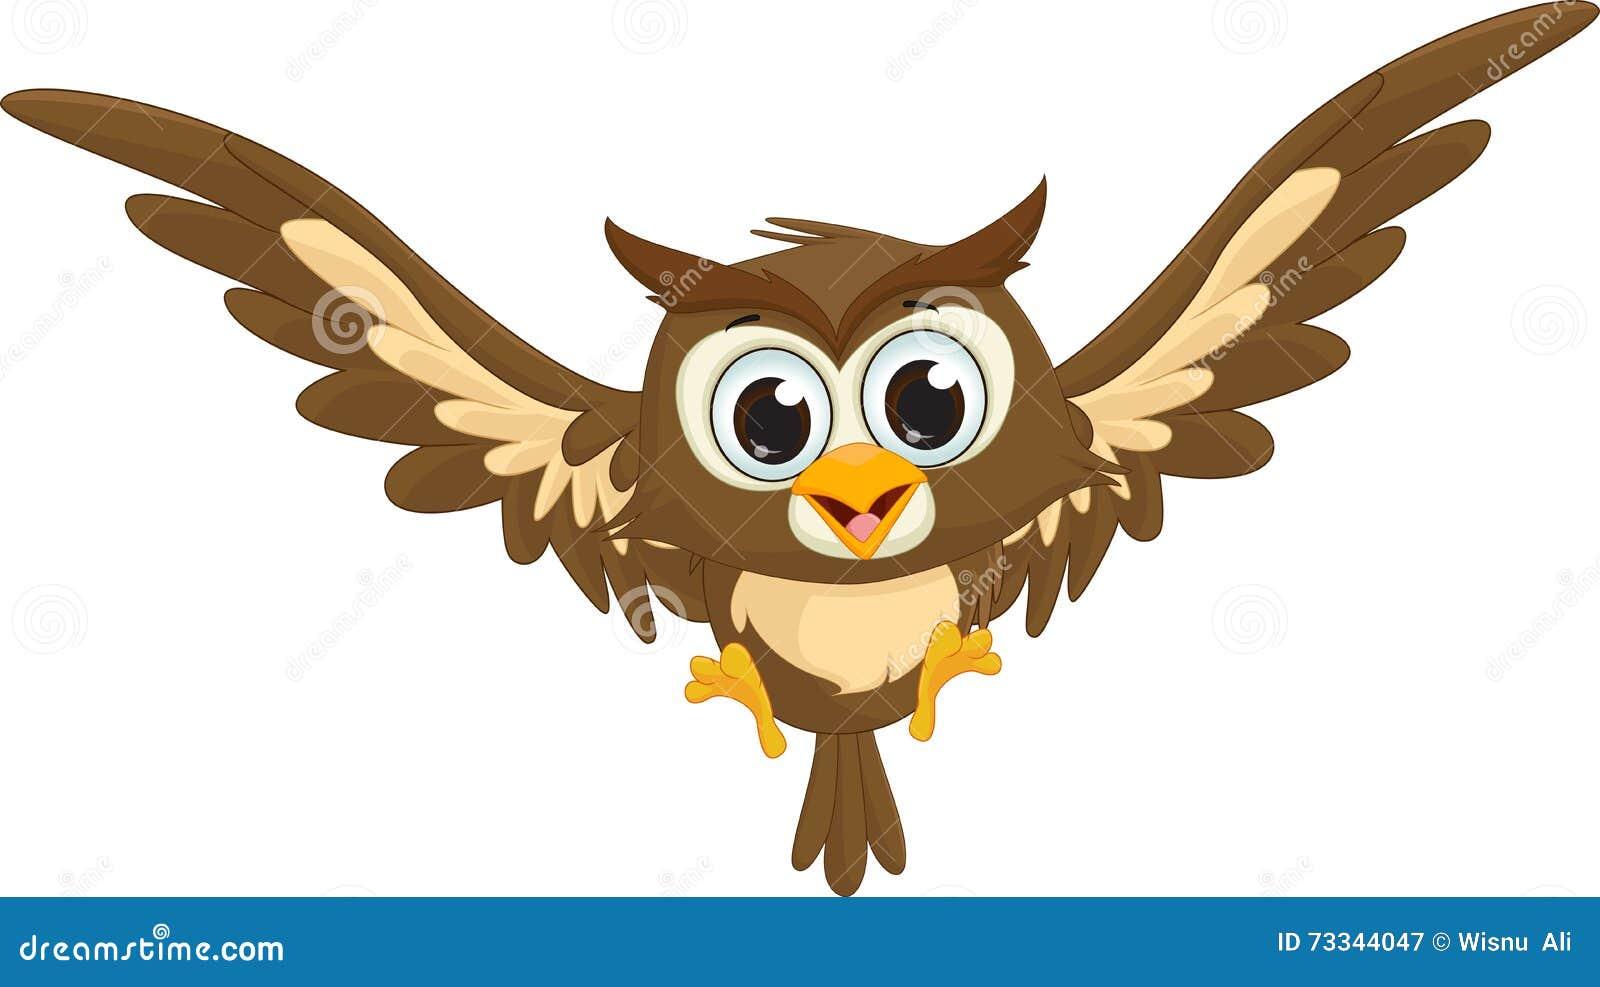 cute owl cartoon flying stock vector illustration of branch 73344047